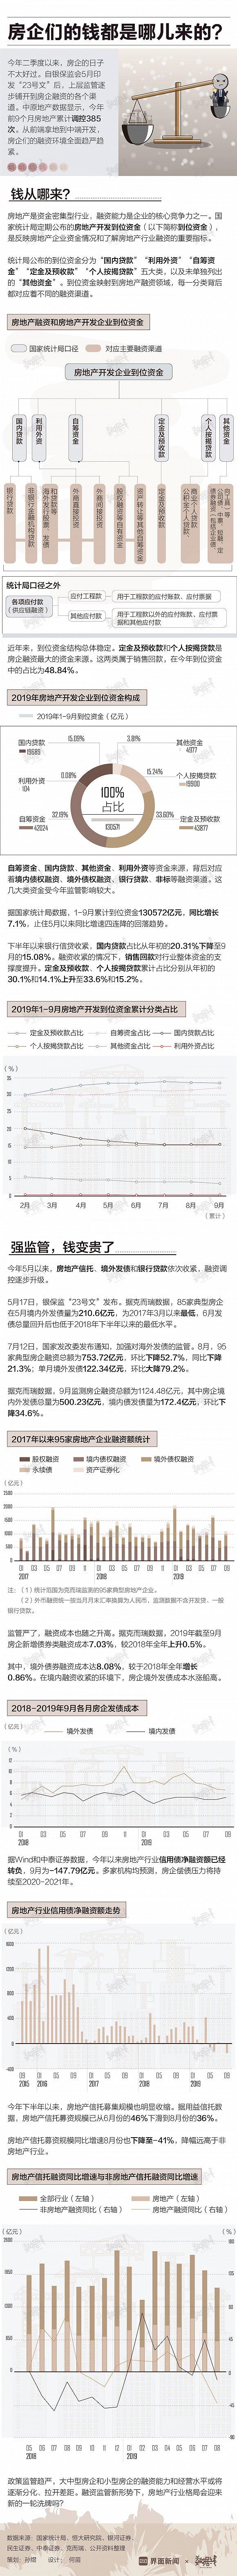 鸿运国际国际手机登录-第三届中医药大会在扁鹊故里邢台内丘举办 陈昌智等出席